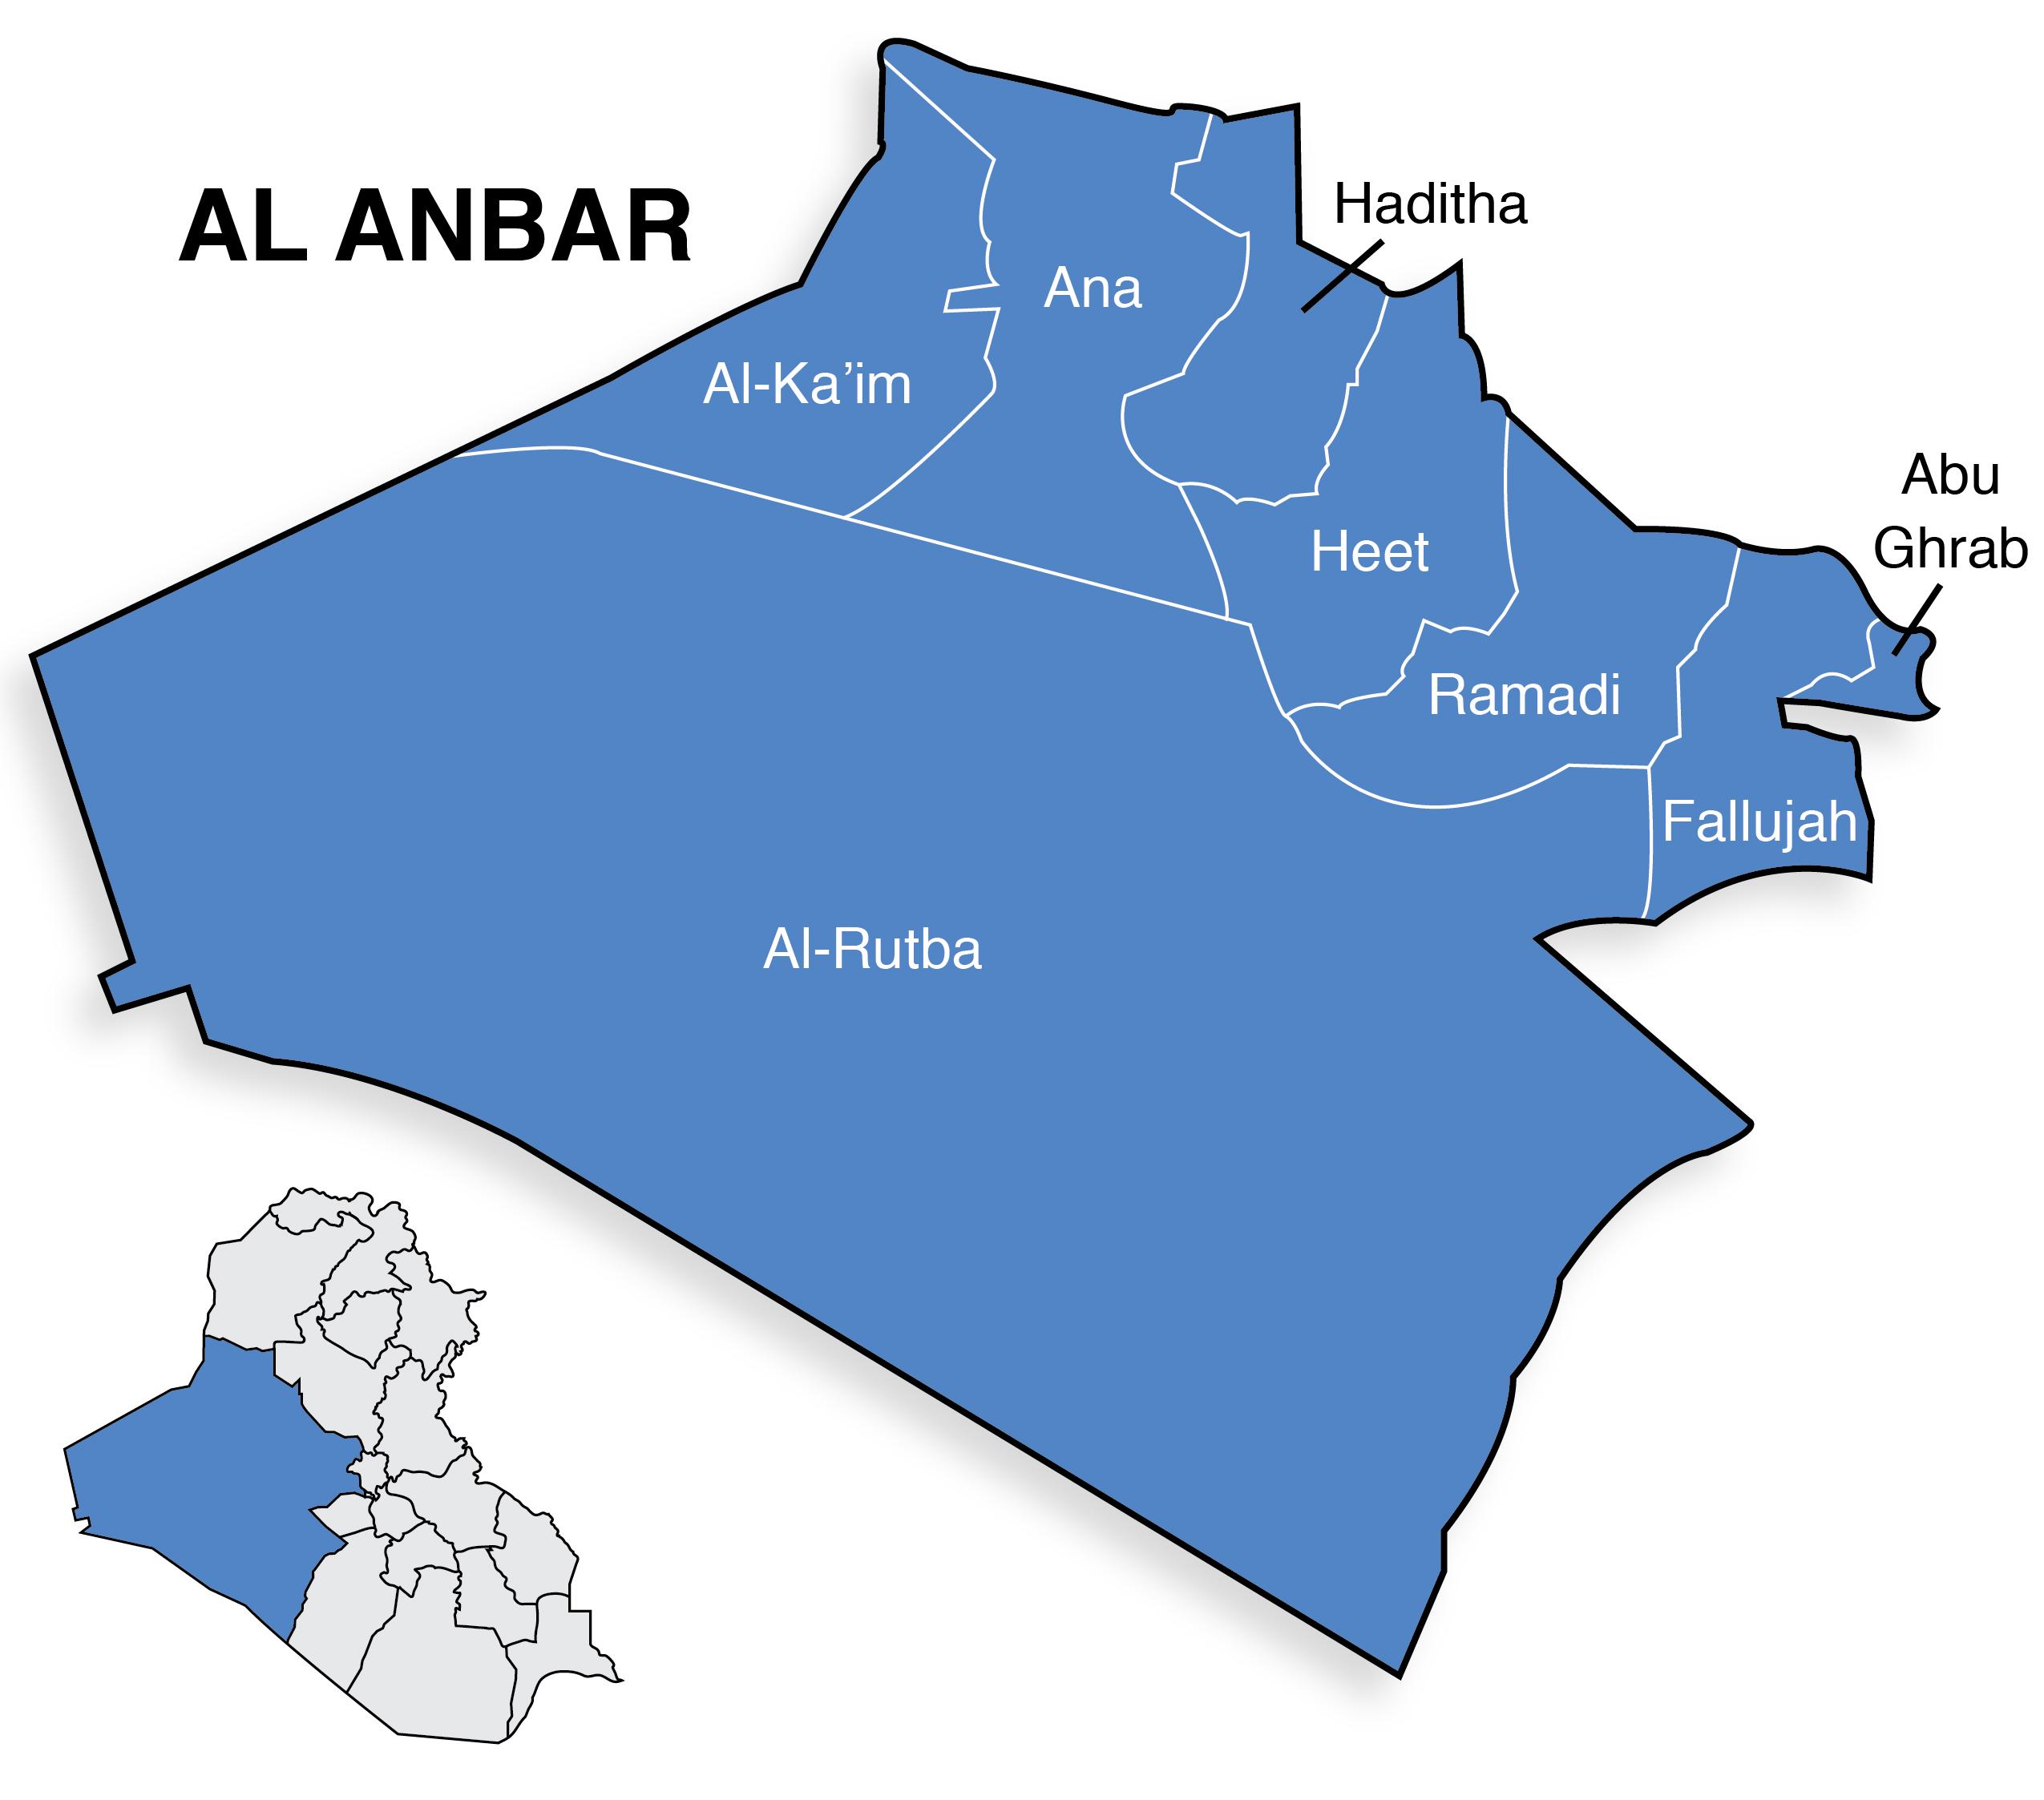 IraqProvinces_Al Anbar